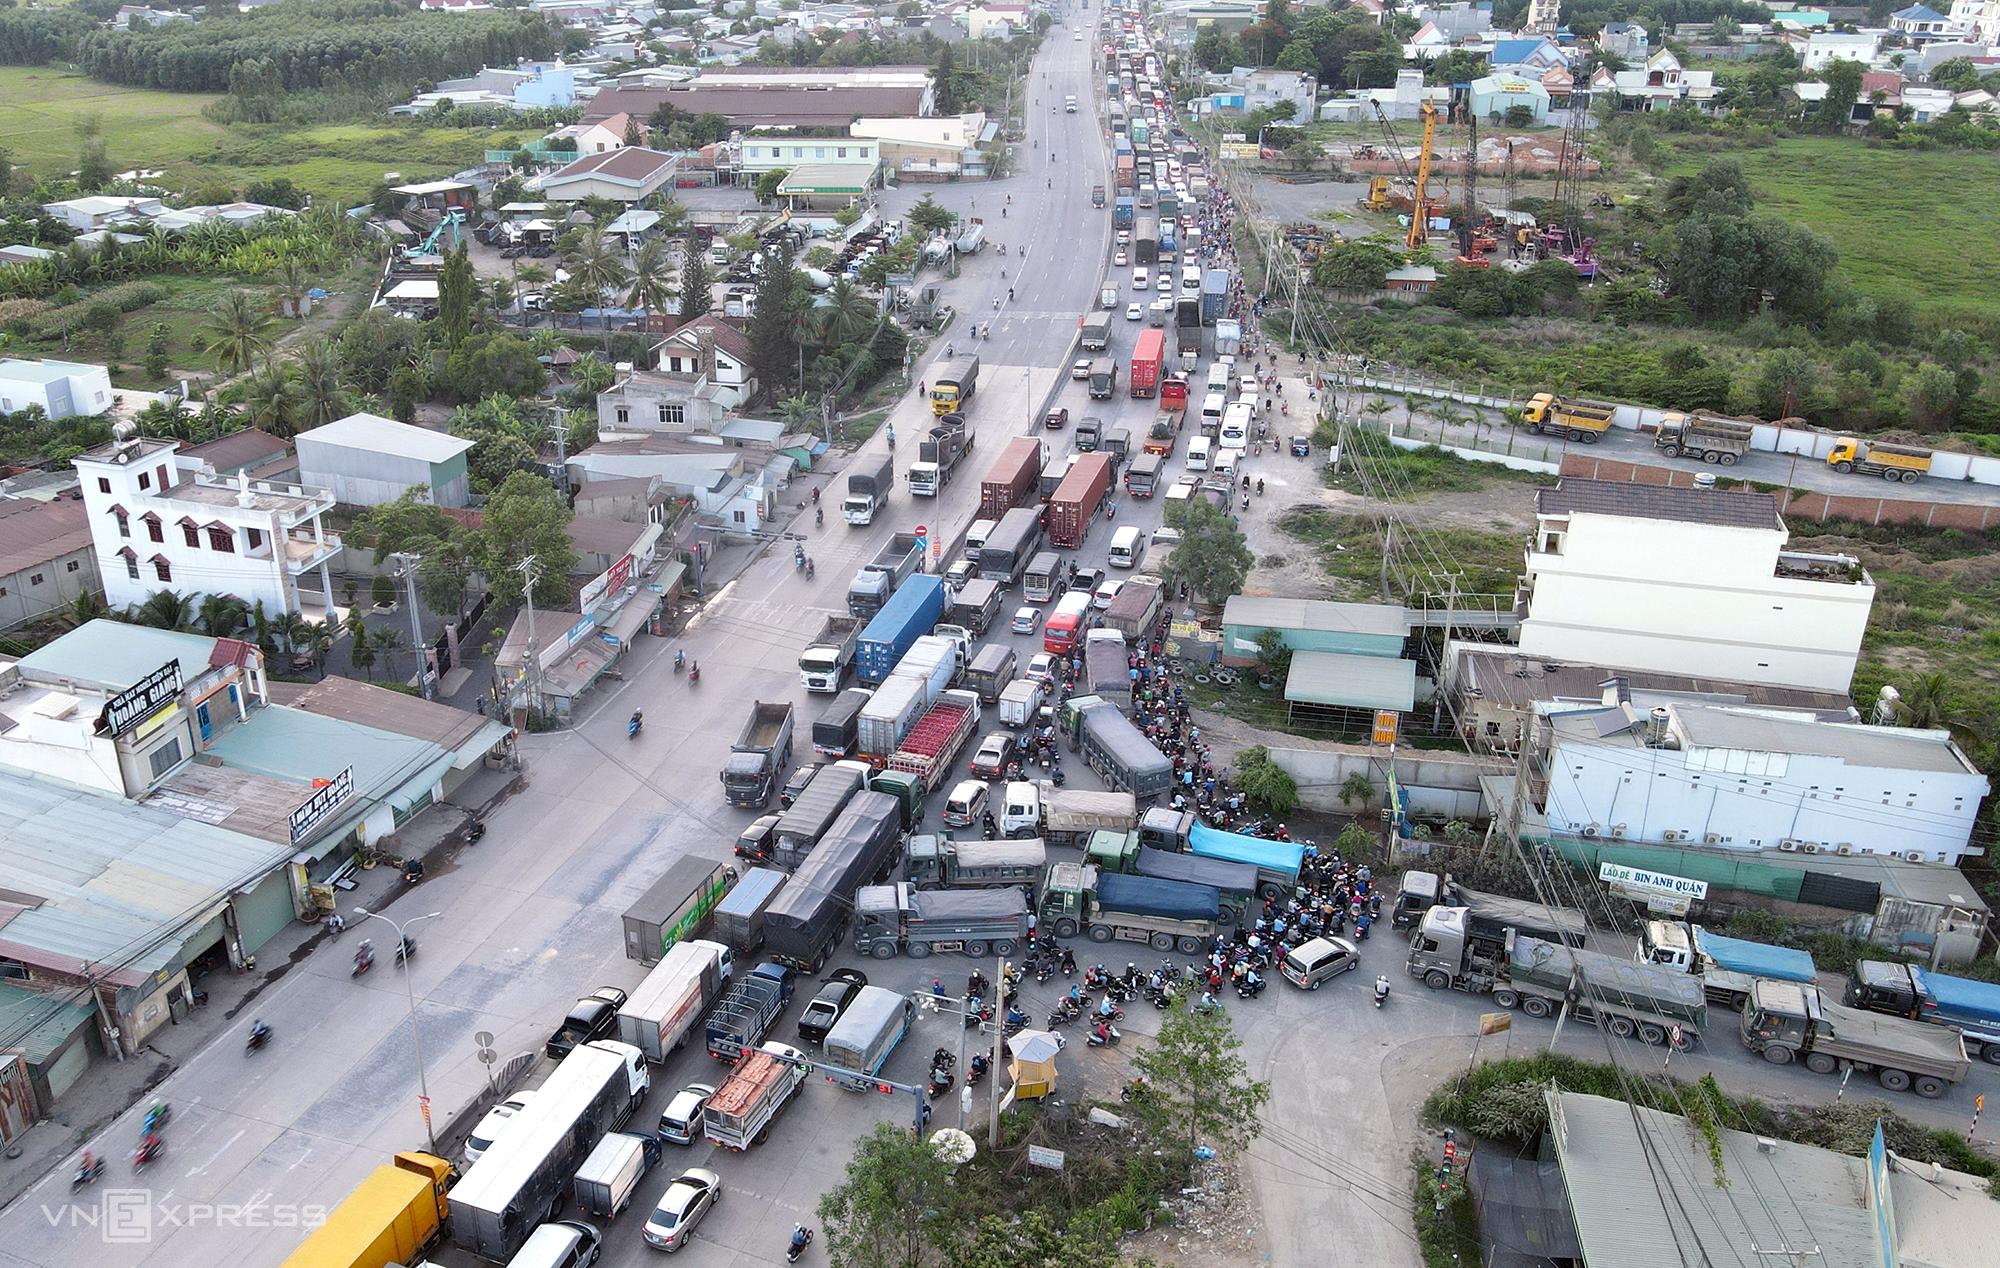 Kẹt xe khu vực nút giao với đường chuyên dùng vận chuyển khoáng sản đi qua phường Phước Tân, TP Biên Hòa chiều 5/5. Ảnh: Phước Tuấn